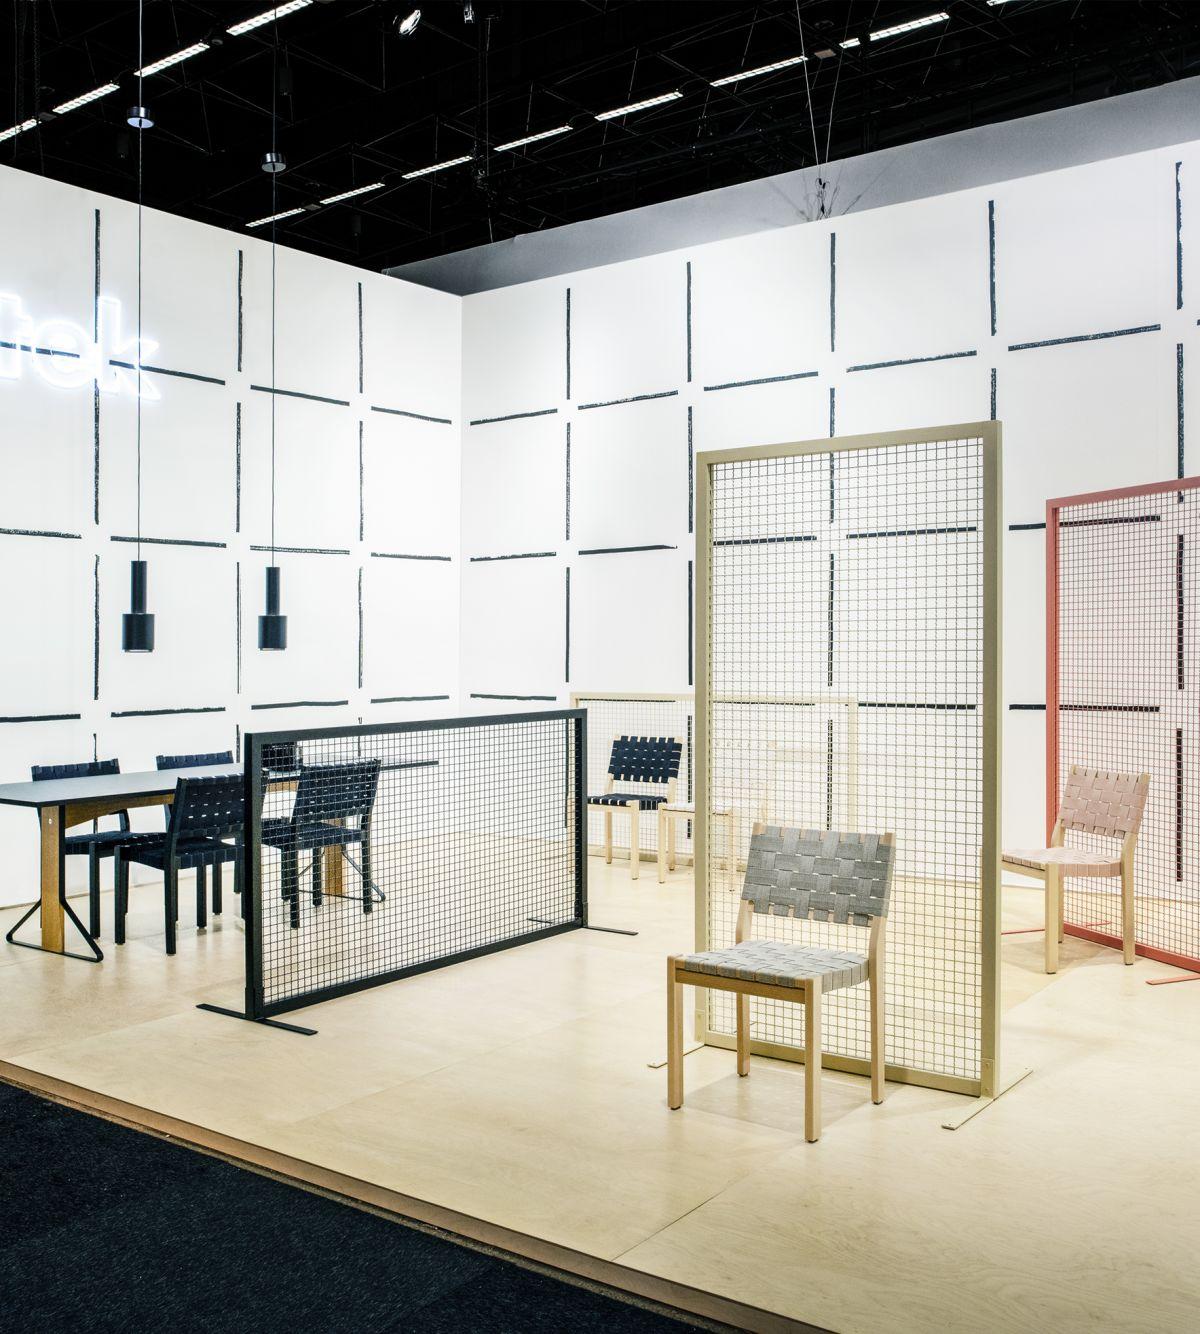 artek at stockholm furniture fair 2019